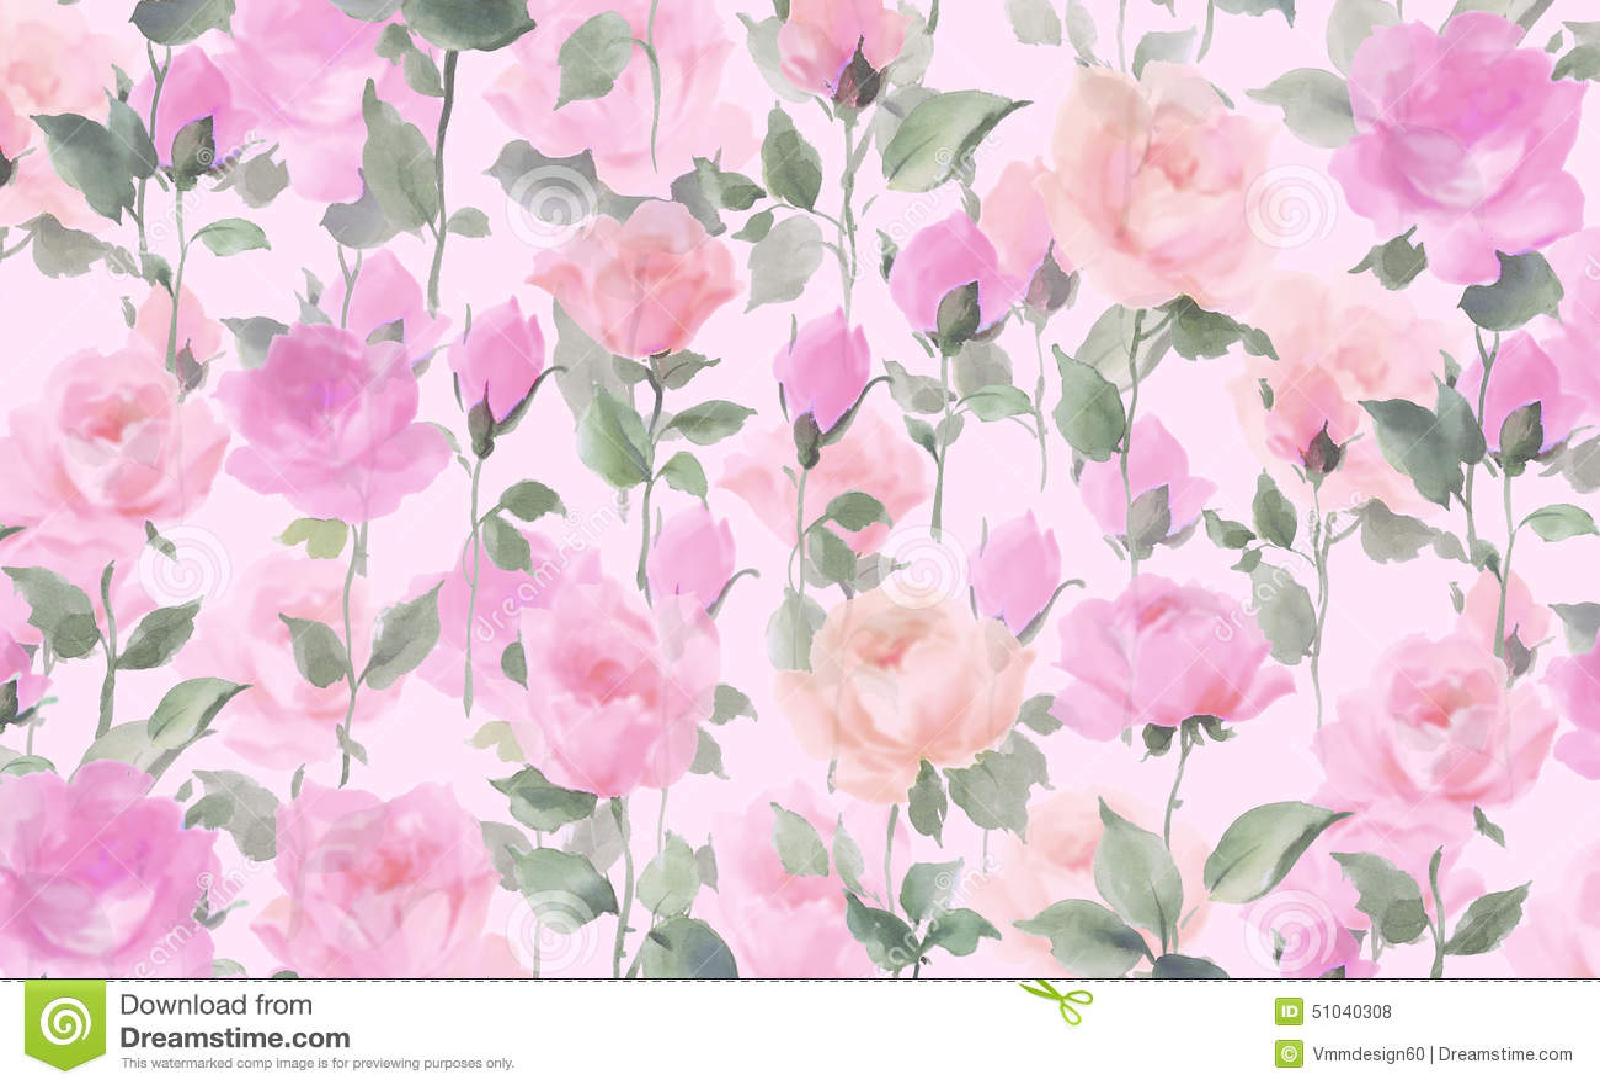 Rose watercolor seamle...